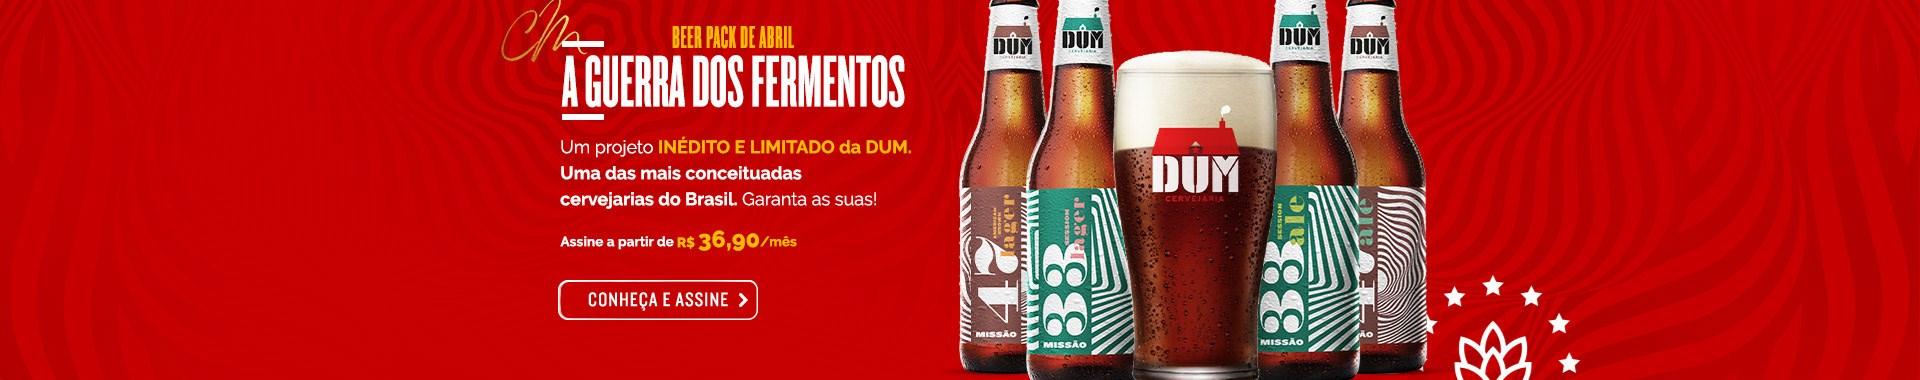 Assinatura de Cerveja - Clube do Malte